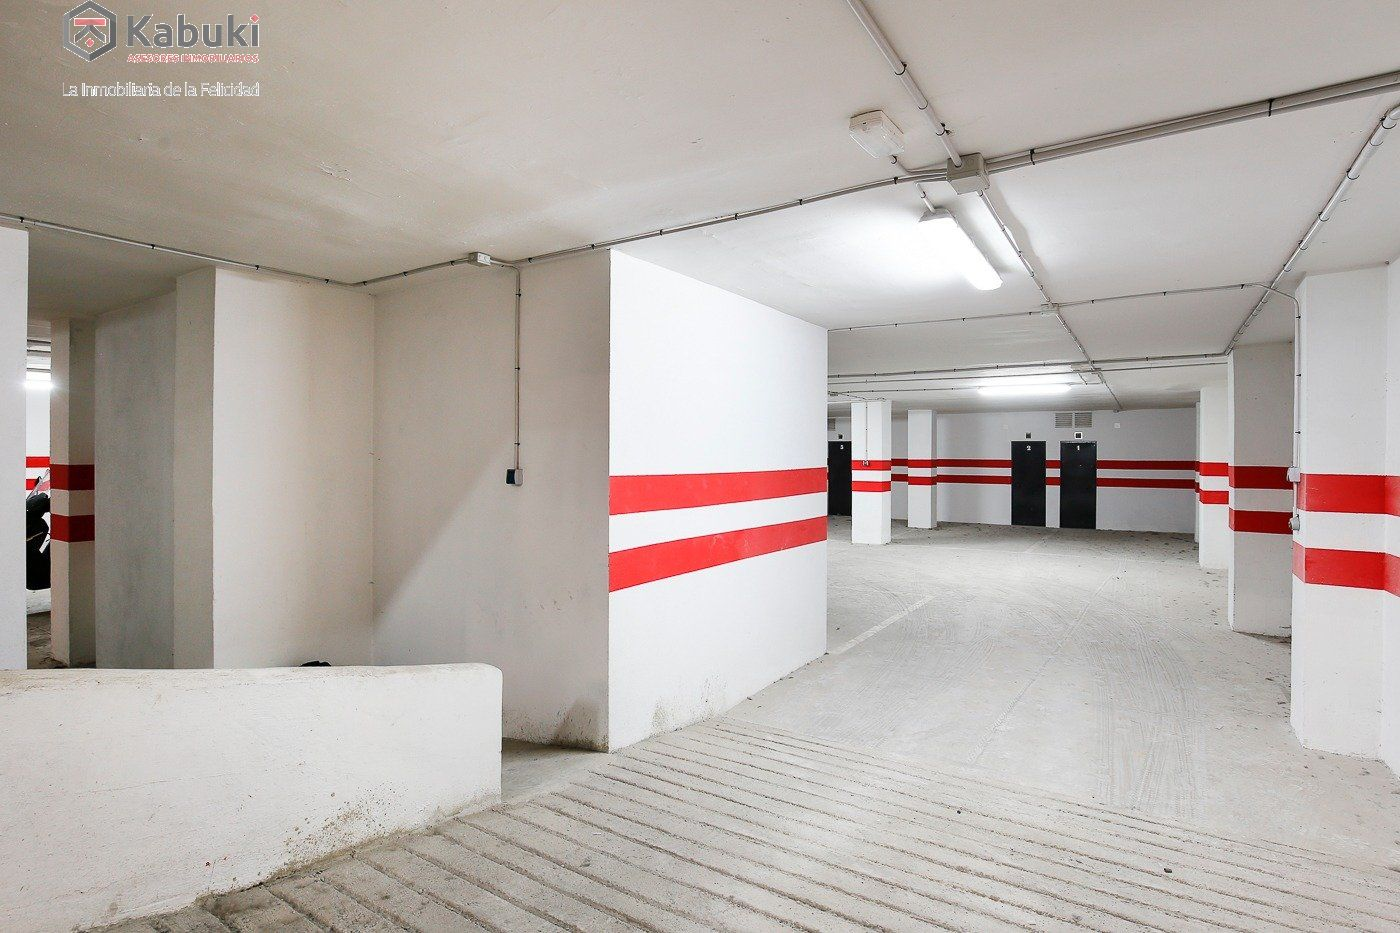 Si estas cansado de dar vueltas con el coche, tenemos fantástica plaza de garaje con trast - imagenInmueble8